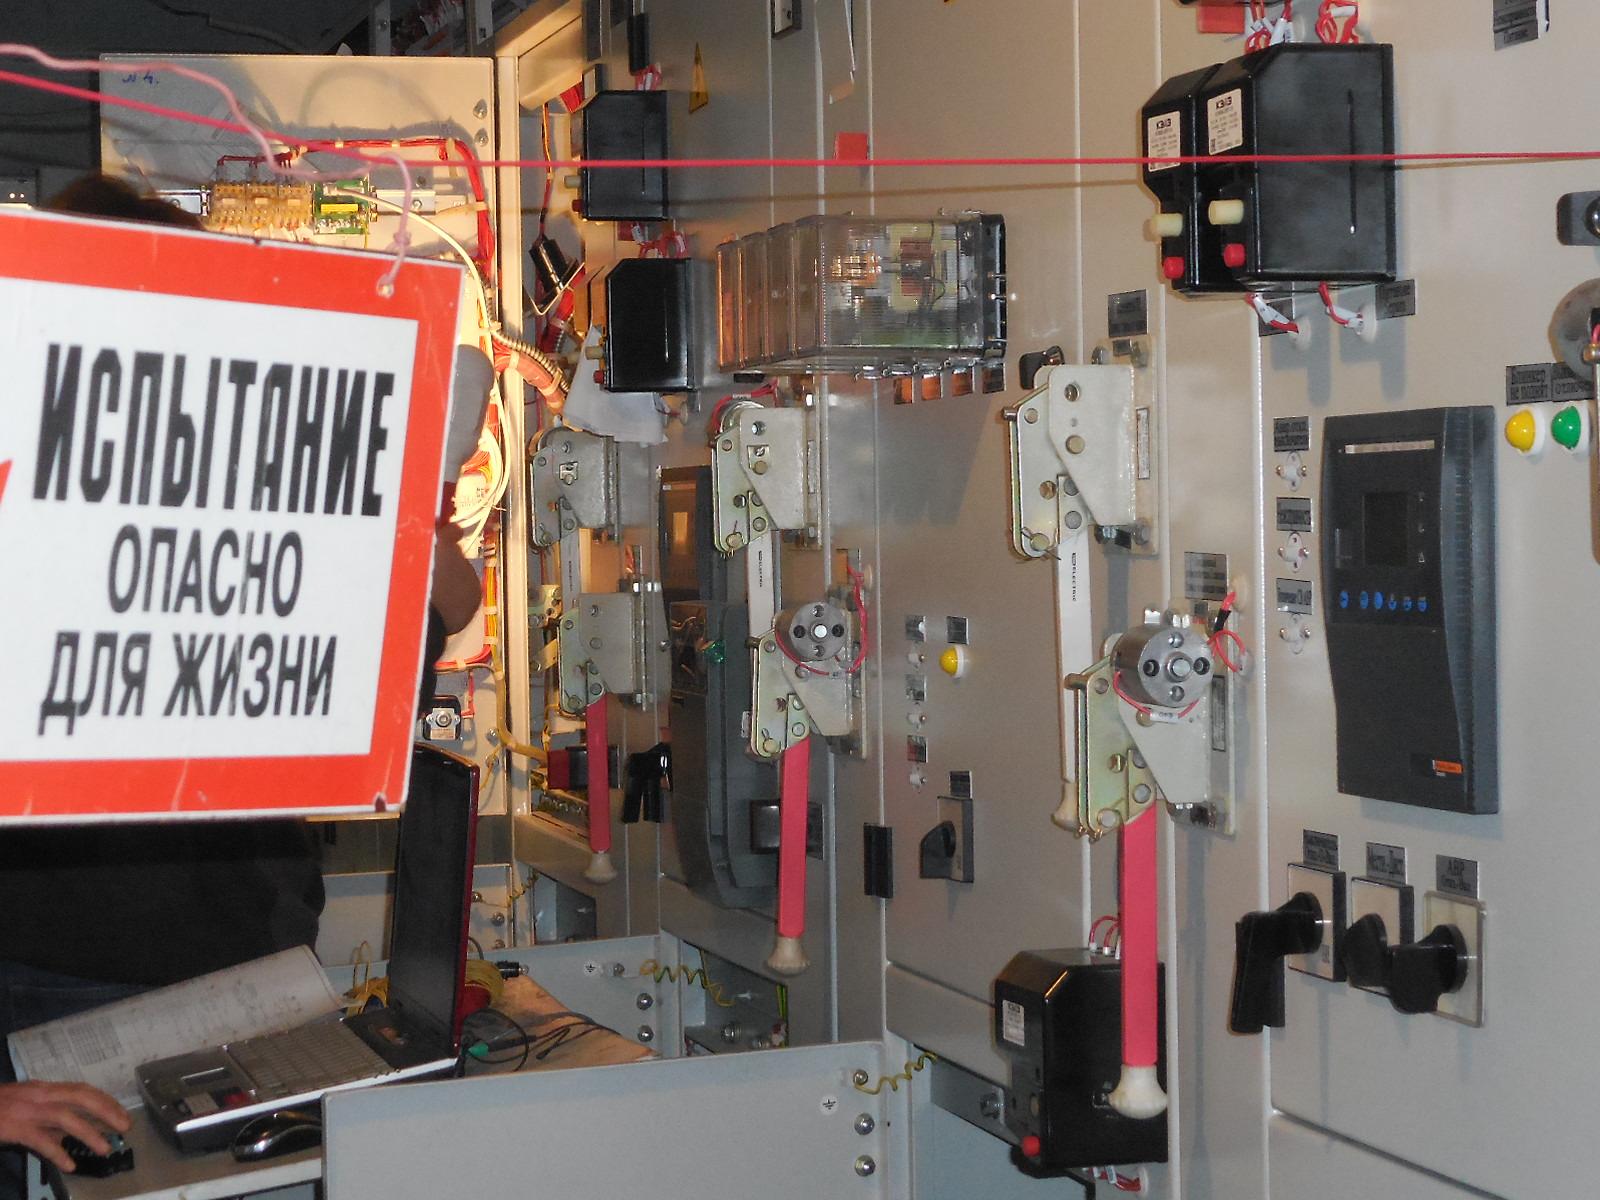 Гост 12.3.019-80 система стандартов безопасности труда (ссбт). испытания и измерения электрические. общие требования безопасности (с изменением n 1), гост от 18 апреля 1980 года №12.3.019-80